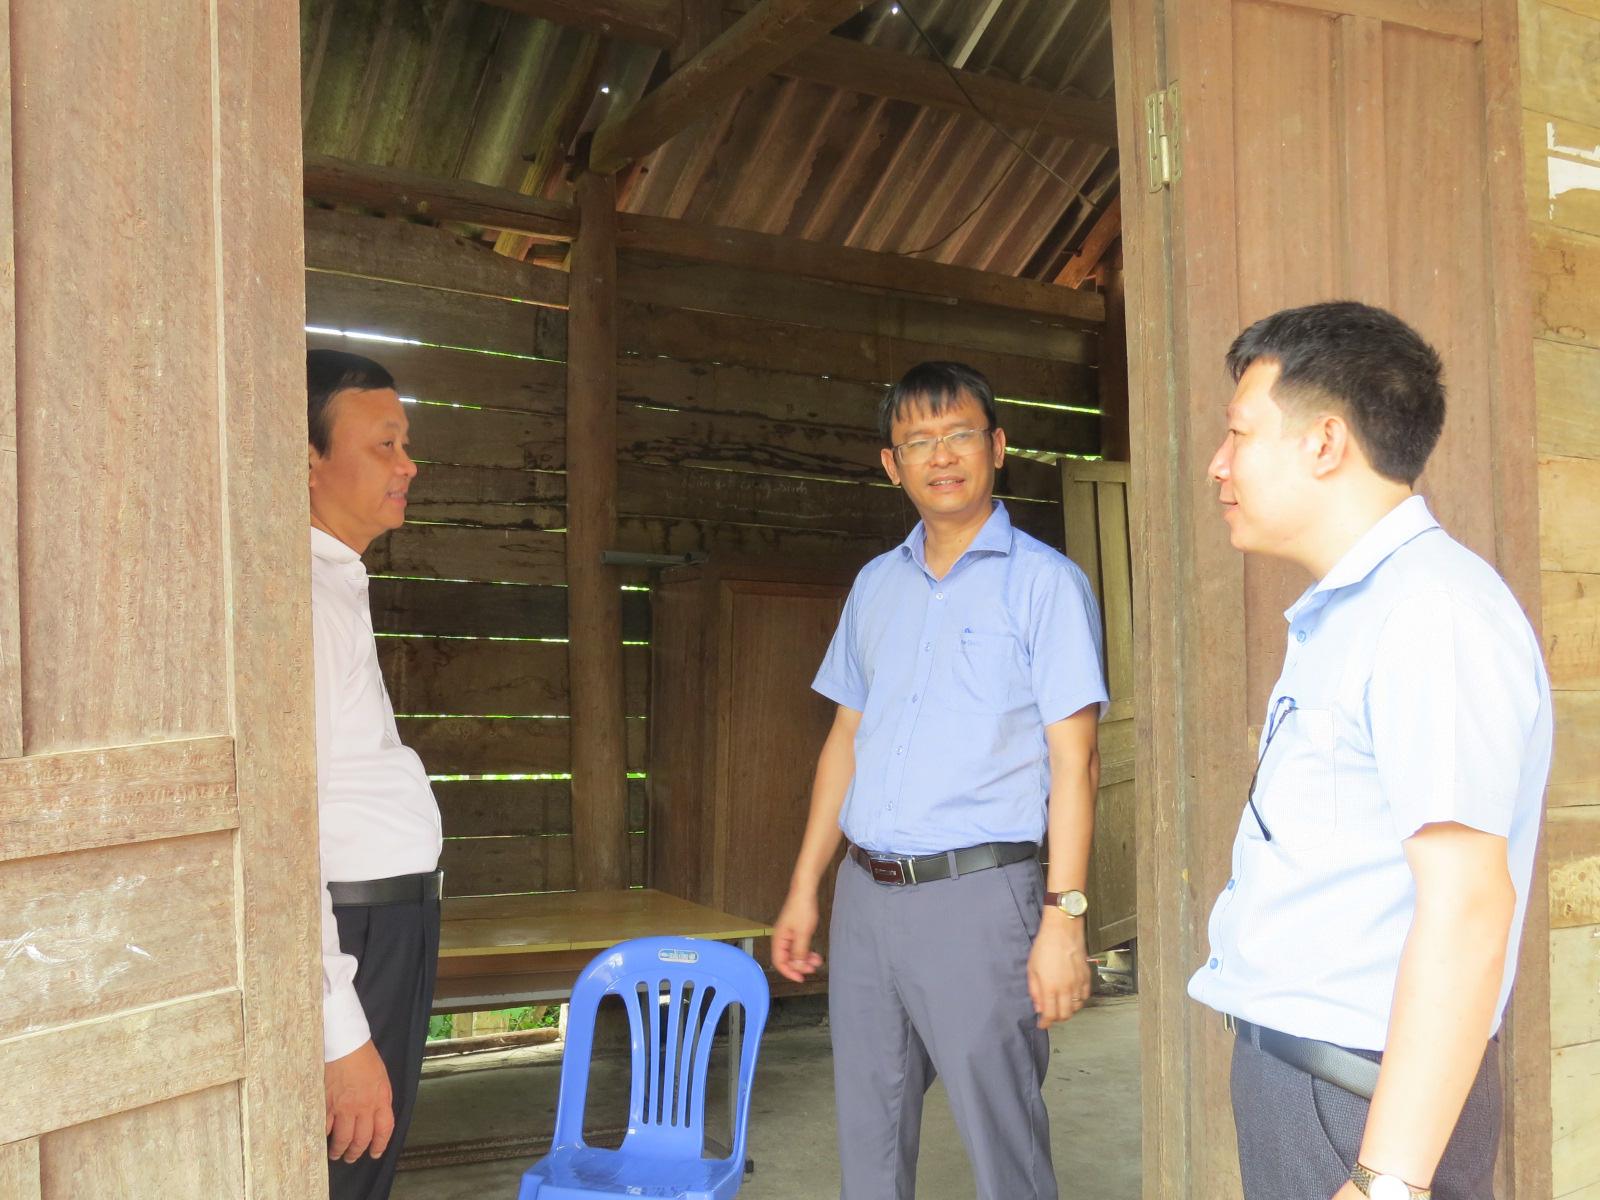 Báo NTNN/Báo Điện tử Dân Việt khởi công điểm trường mơ ước ở Nghệ An  - Ảnh 6.